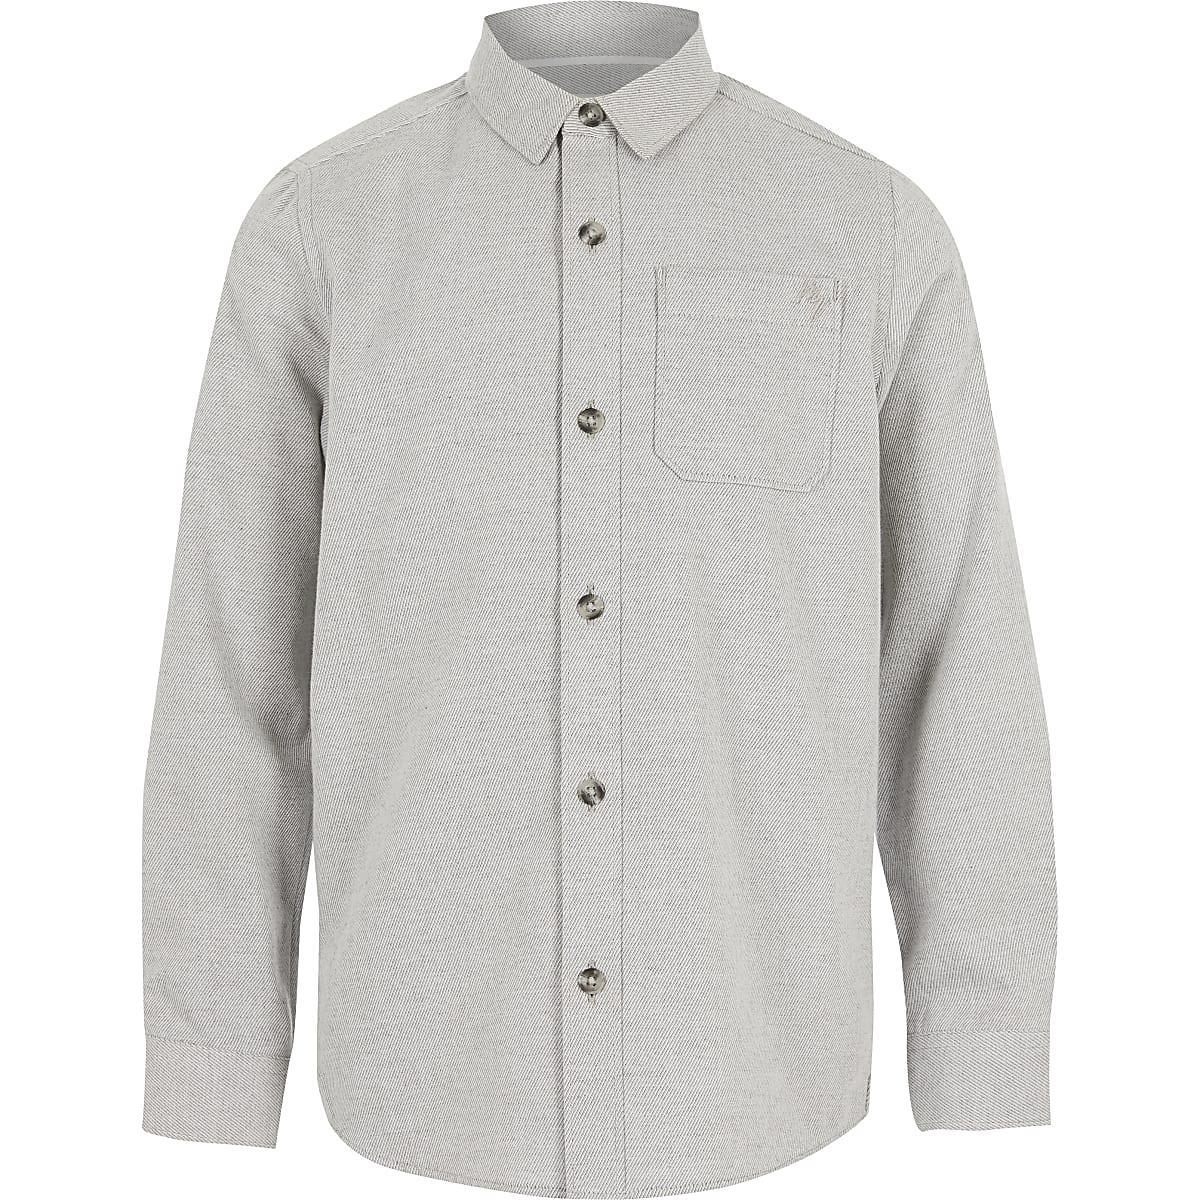 Chemise grise en sergéà manches longues pour garçon